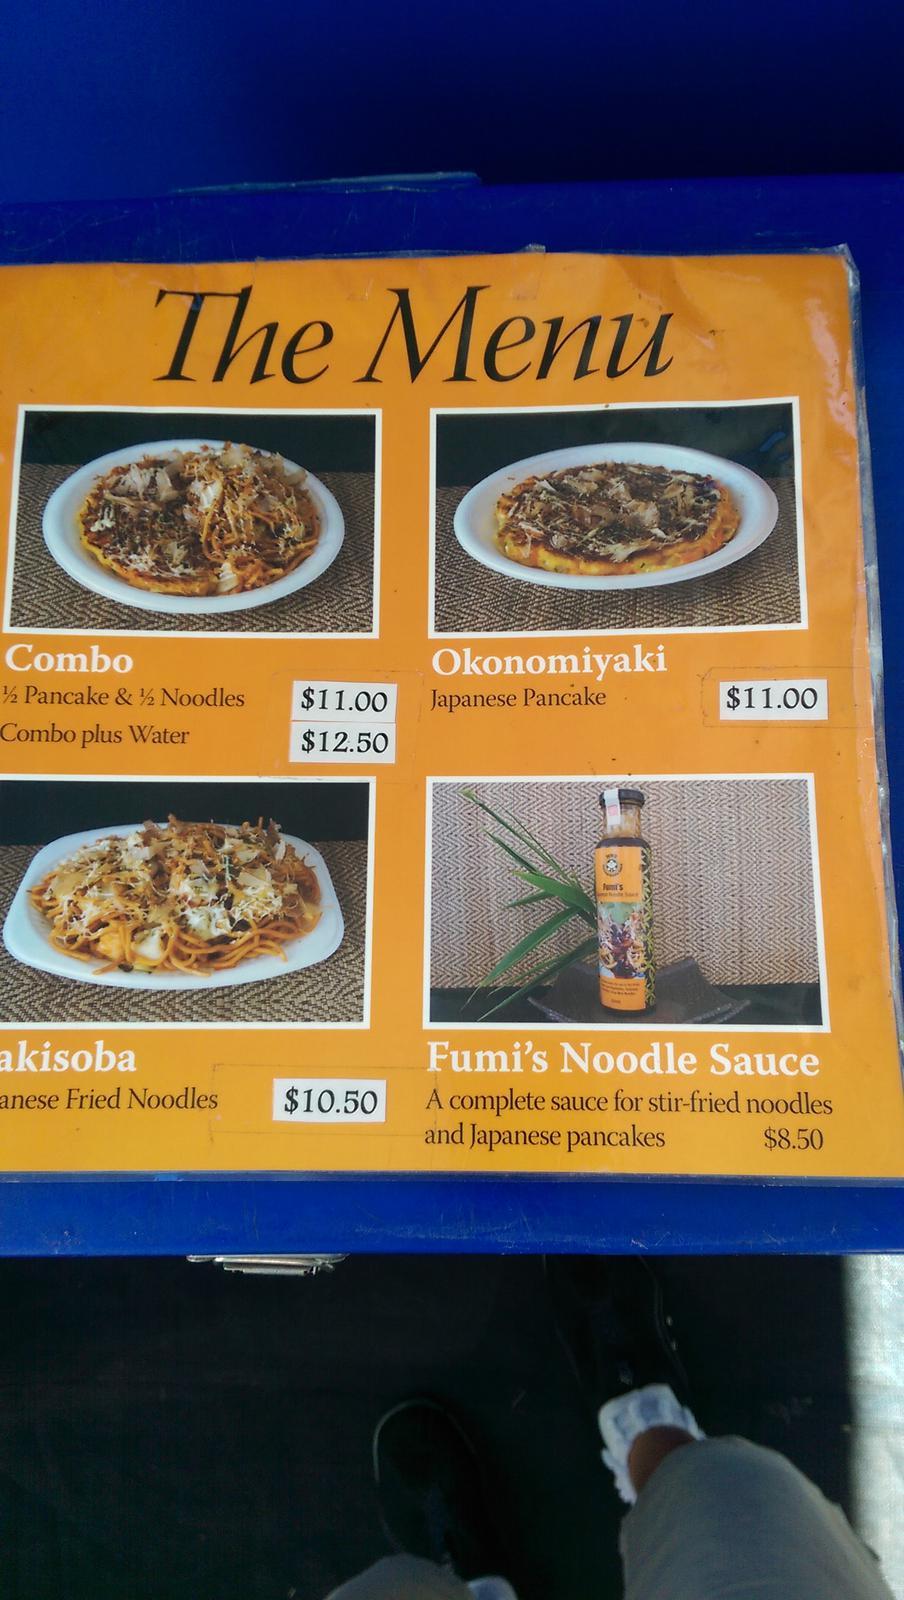 Fumi's Japanese Pancakse & Noodles